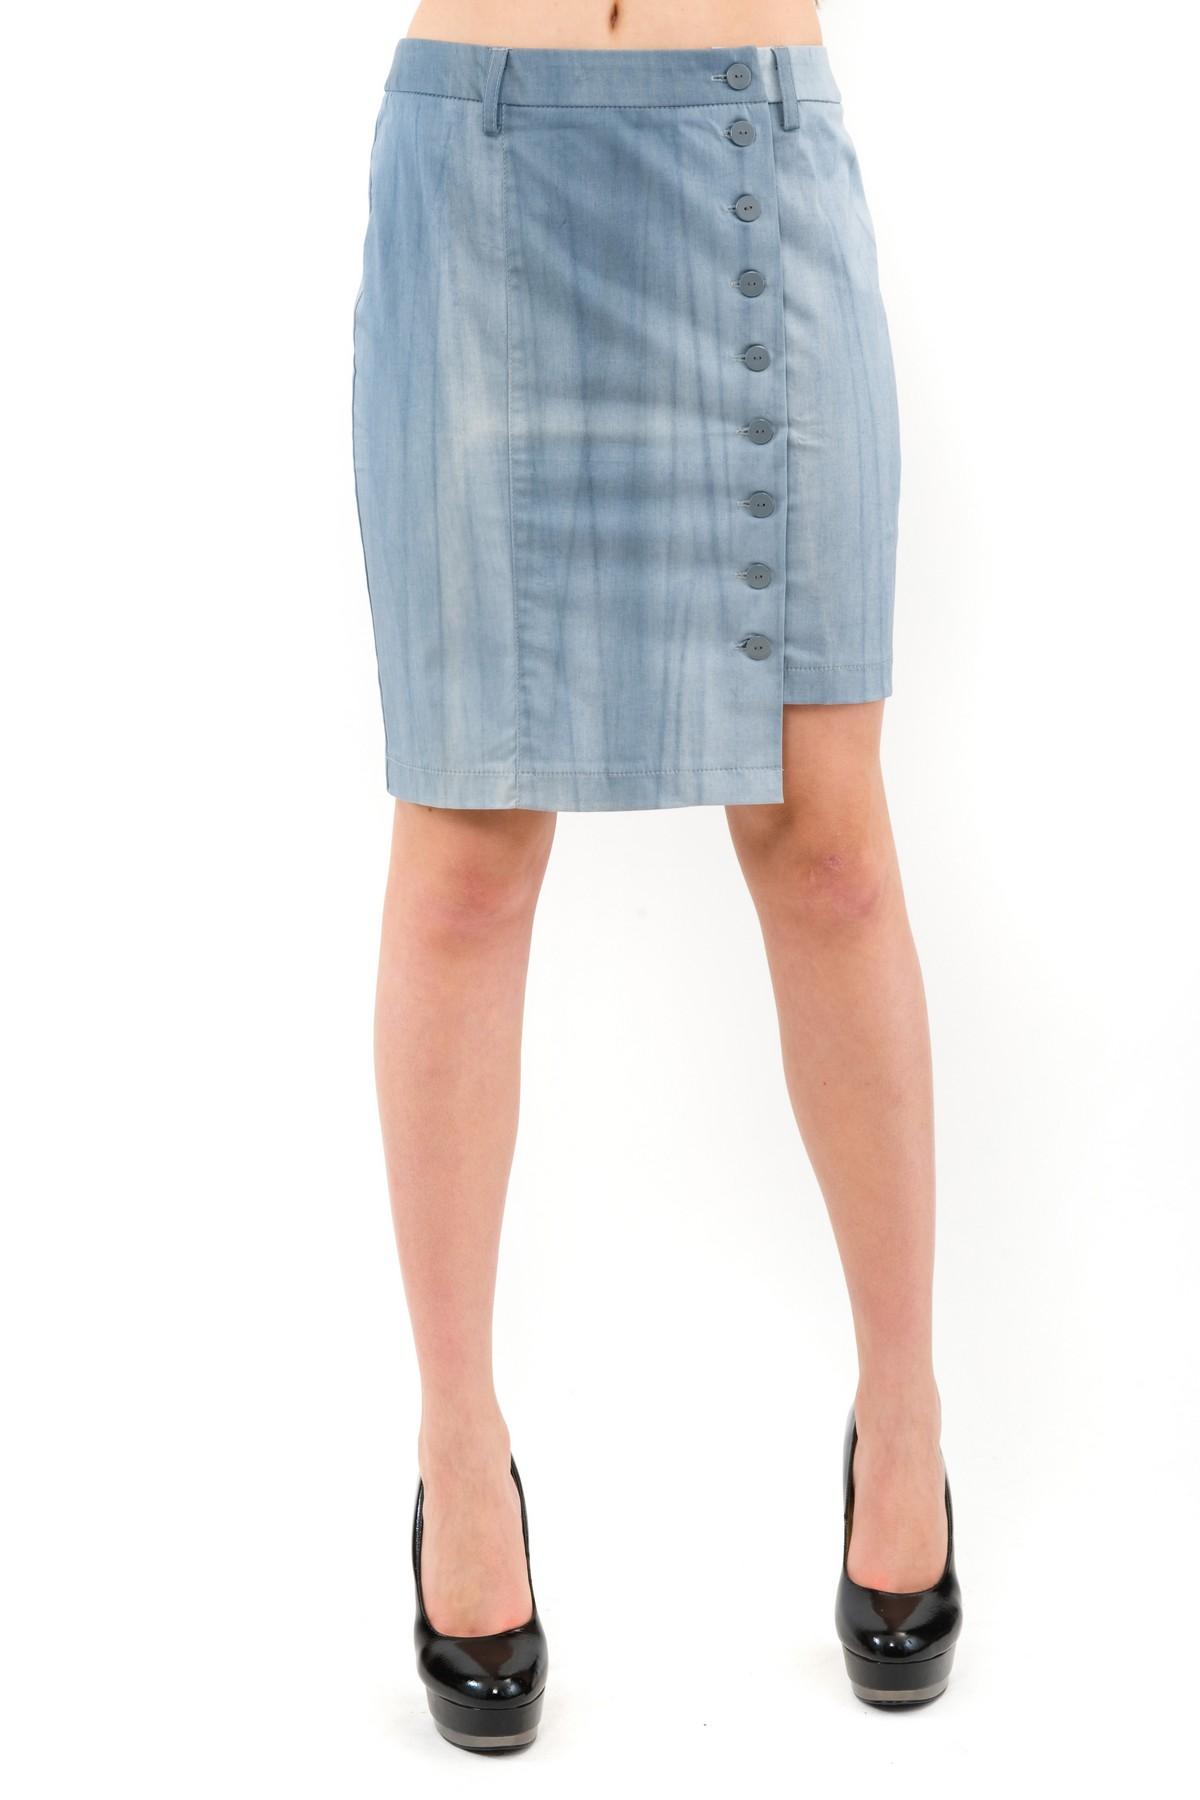 ЮбкаЖенские юбки и брюки<br>Стильная юбка Doctor E длины миди и облегающего силуэта для ярких и уверенных в своей неотразимости женщин. Изделие прекрасно сочетается со многими элементами гардероба.<br><br>Цвет: синий<br>Состав: 97% хлопок, 3% лайкра<br>Размер: 48,50,52<br>Страна дизайна: Россия<br>Страна производства: Россия